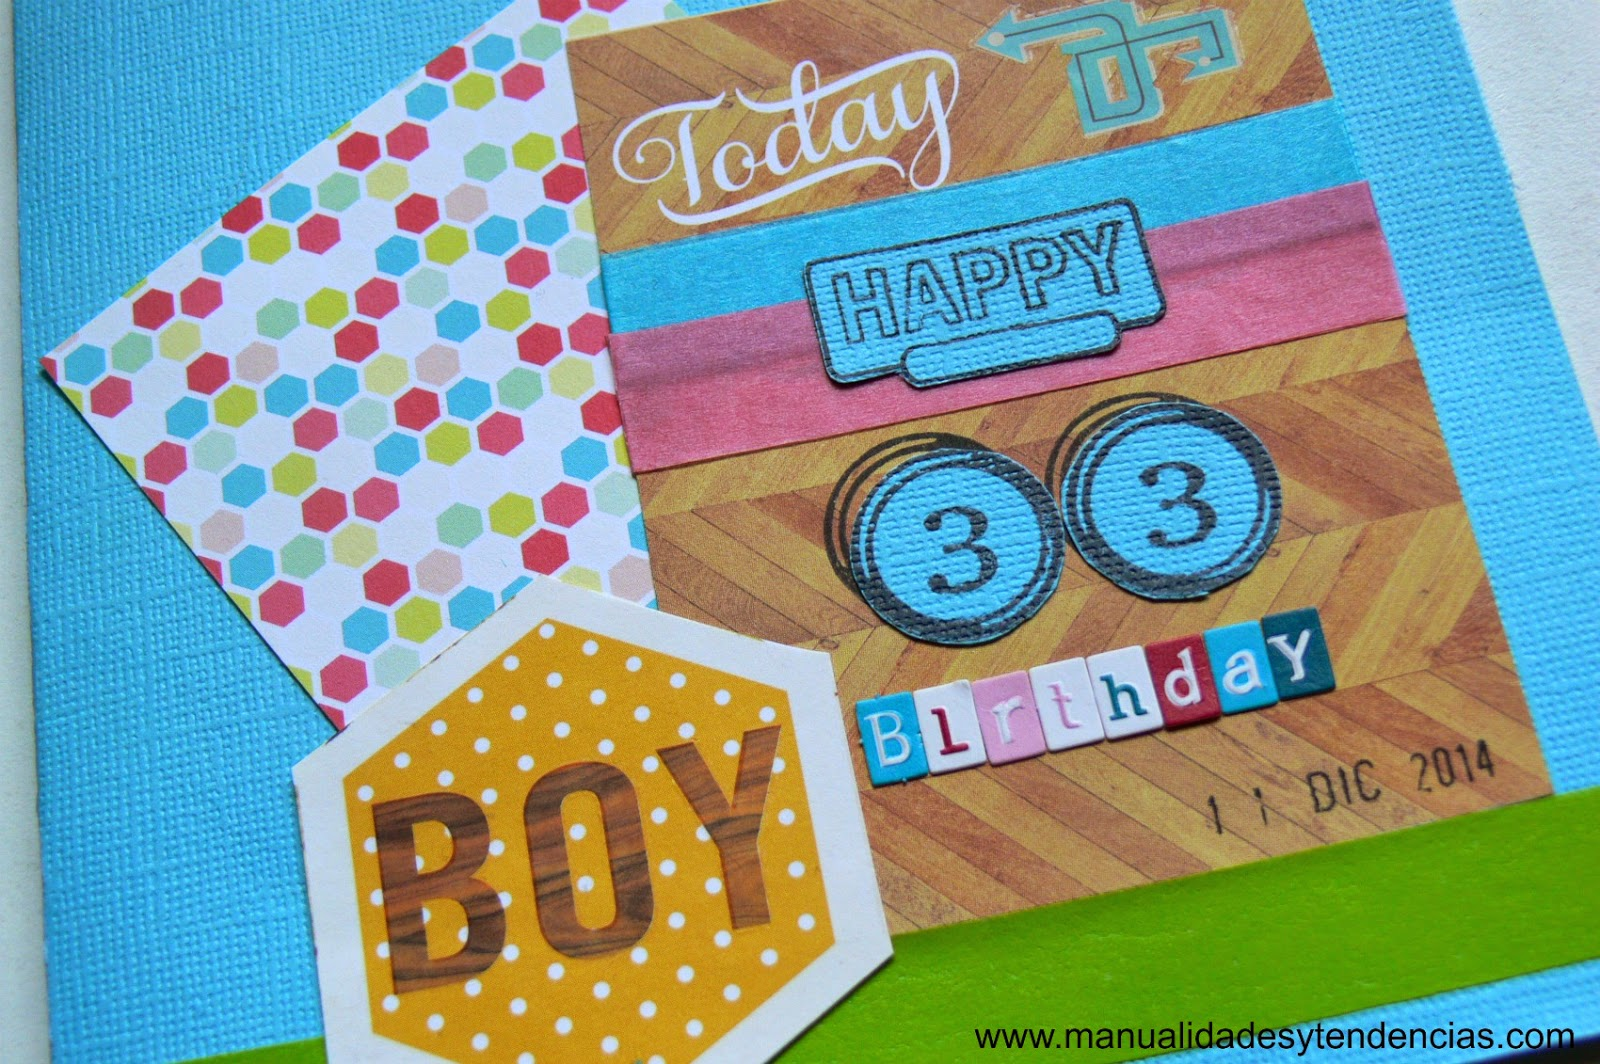 Tarjeta de cumpleaños para chico